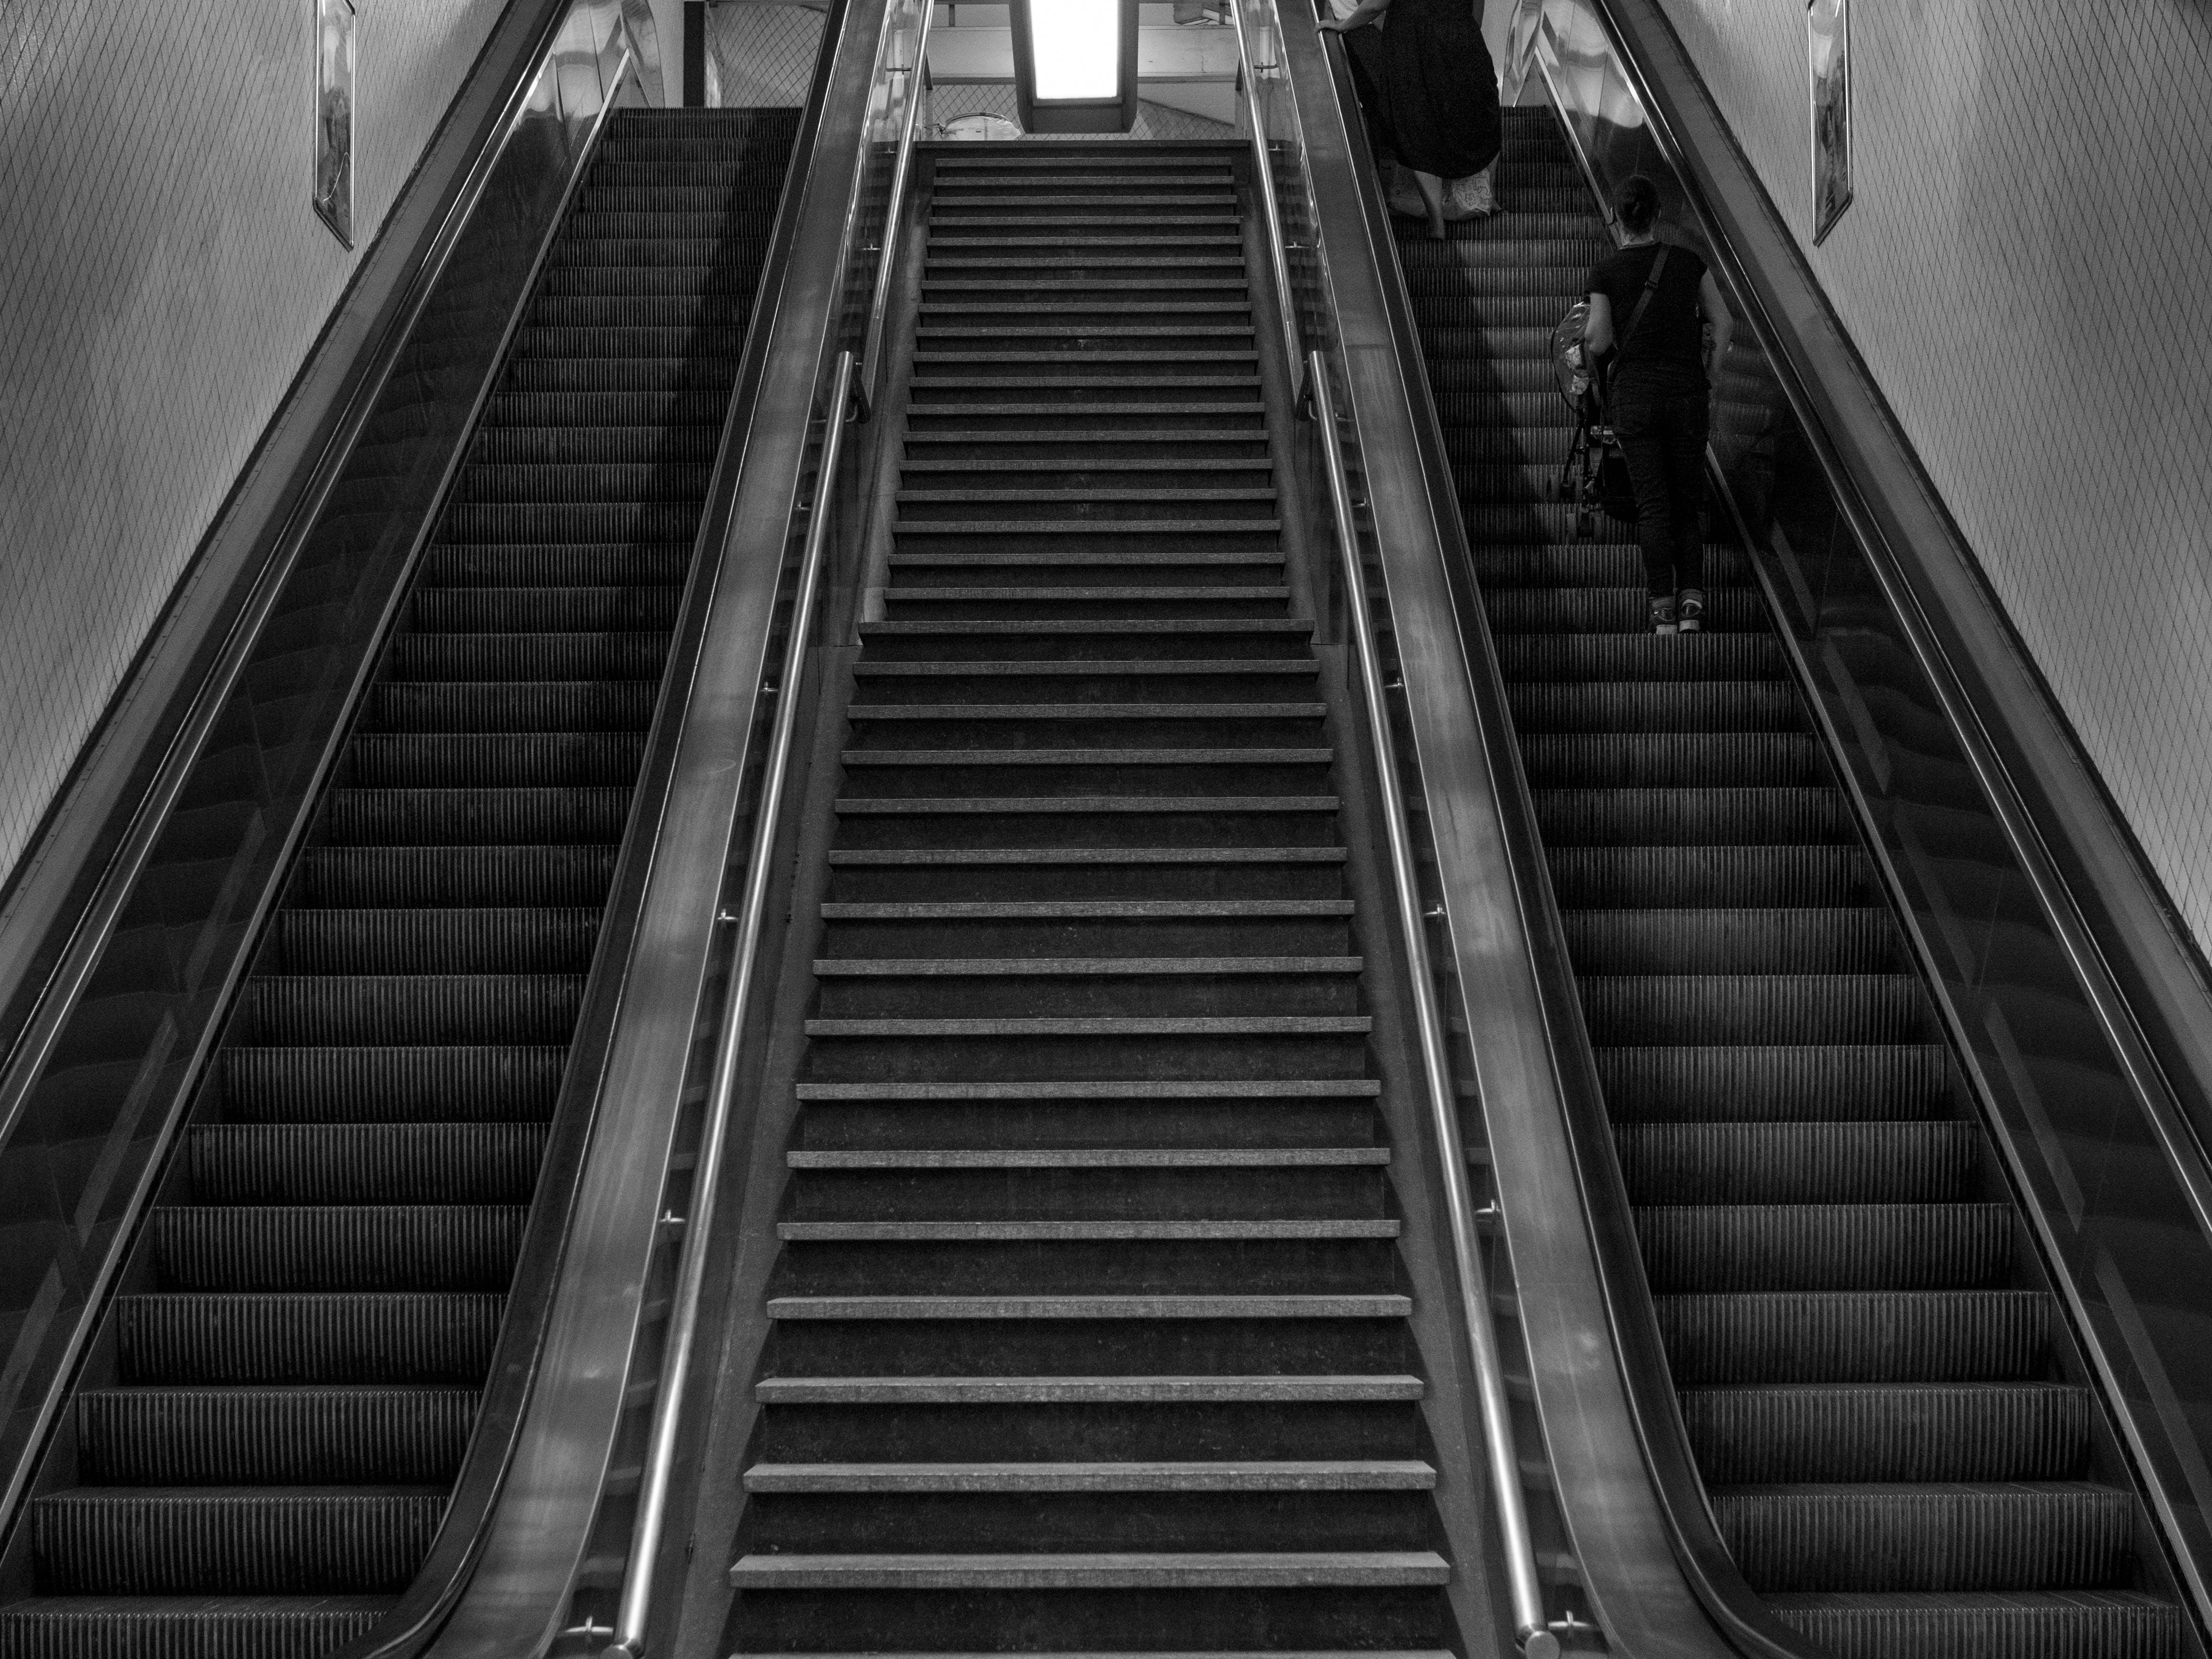 Δωρεάν στοκ φωτογραφιών με ανεβαίνω, ασπρόμαυρο, κυλιόμενη σκάλα, σκάλες